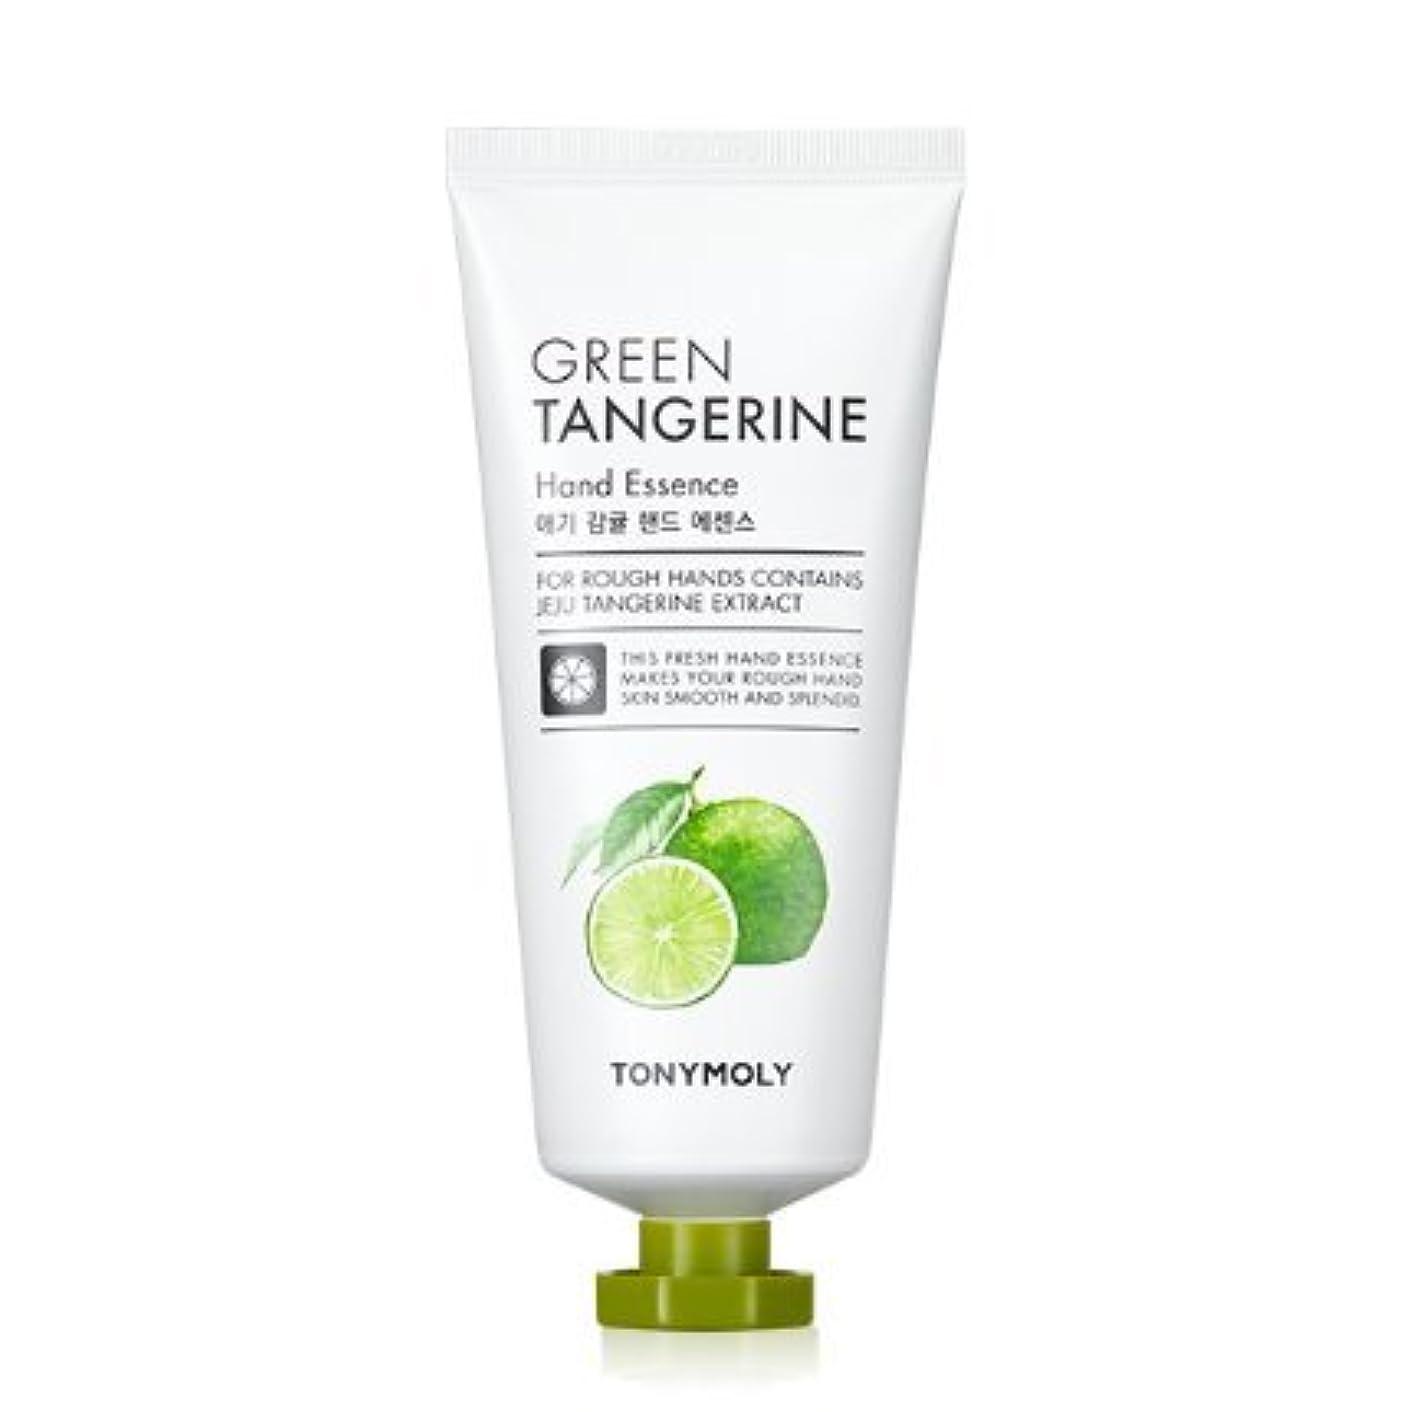 活気づけるダイバーましい[Renewal] TONYMOLY Green Tangerine Hand Essence/トニーモリー 青みかん ハンド エッセンス 80g [並行輸入品]